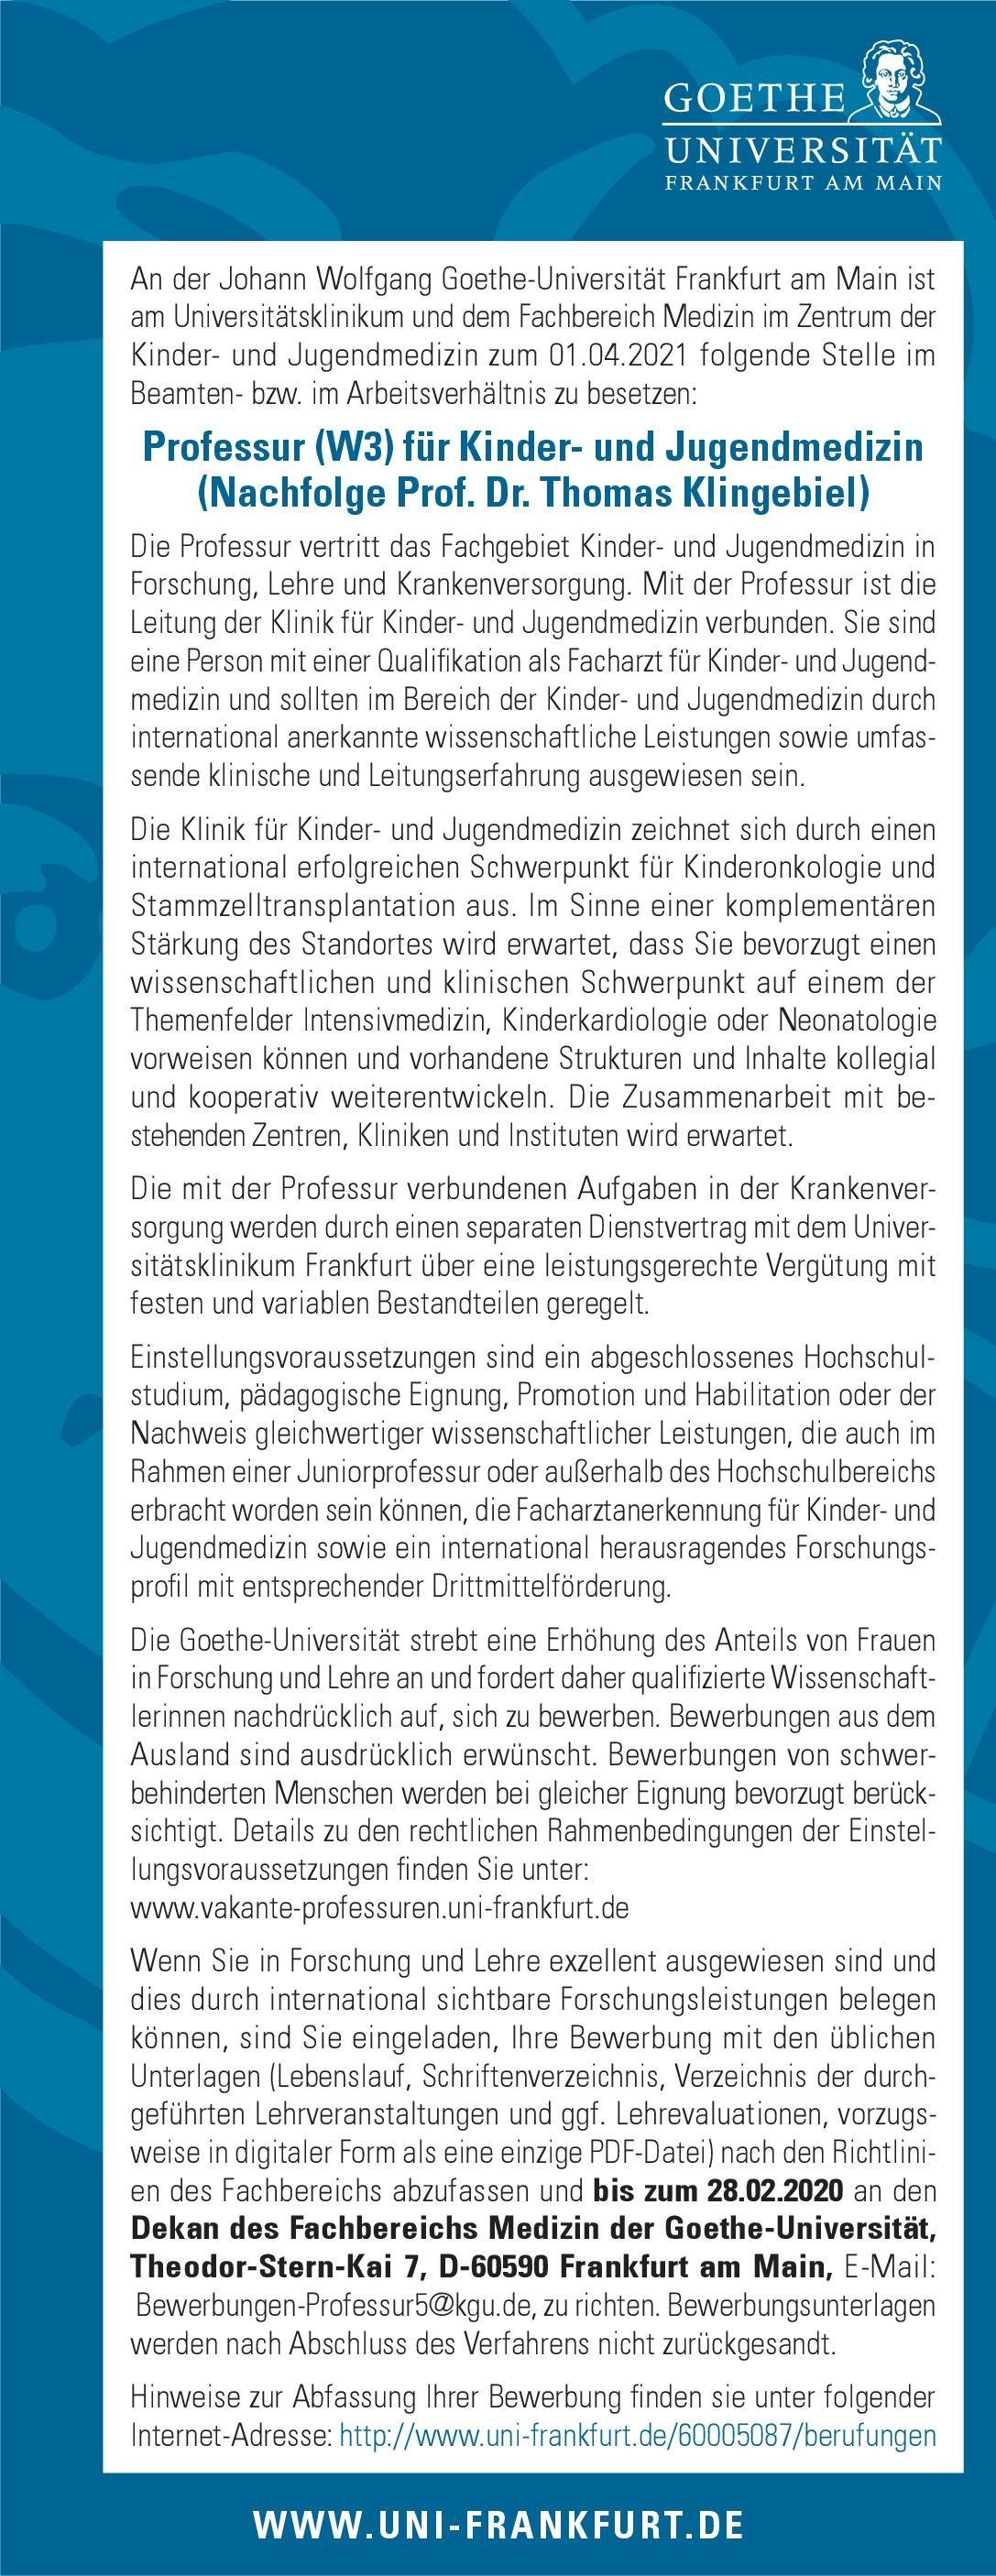 Johann Wolfgang Goethe-Universität Frankfurt am Main Professur (W3) für Kinder- und Jugendmedizin  Kinder- und Jugendmedizin, Kinder- und Jugendmedizin Professor